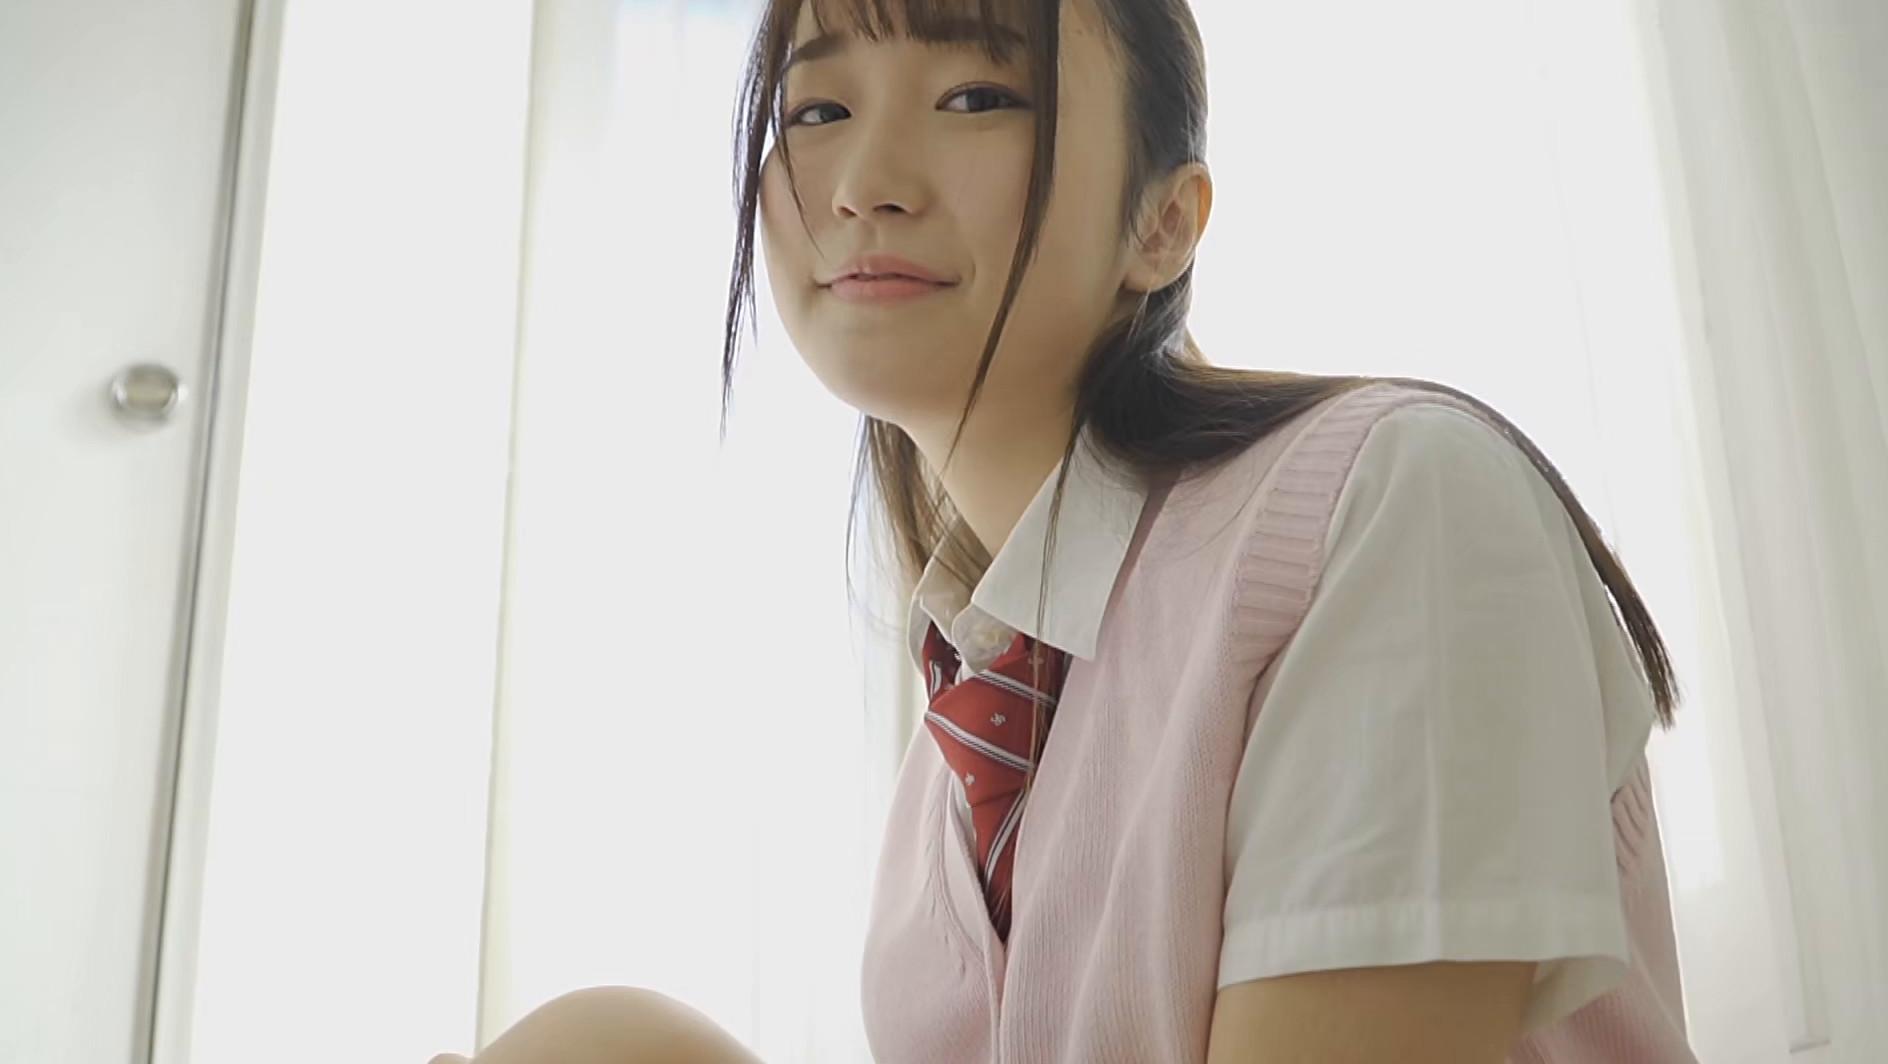 ヌーディスト上京Girl 天然みのり 画像1